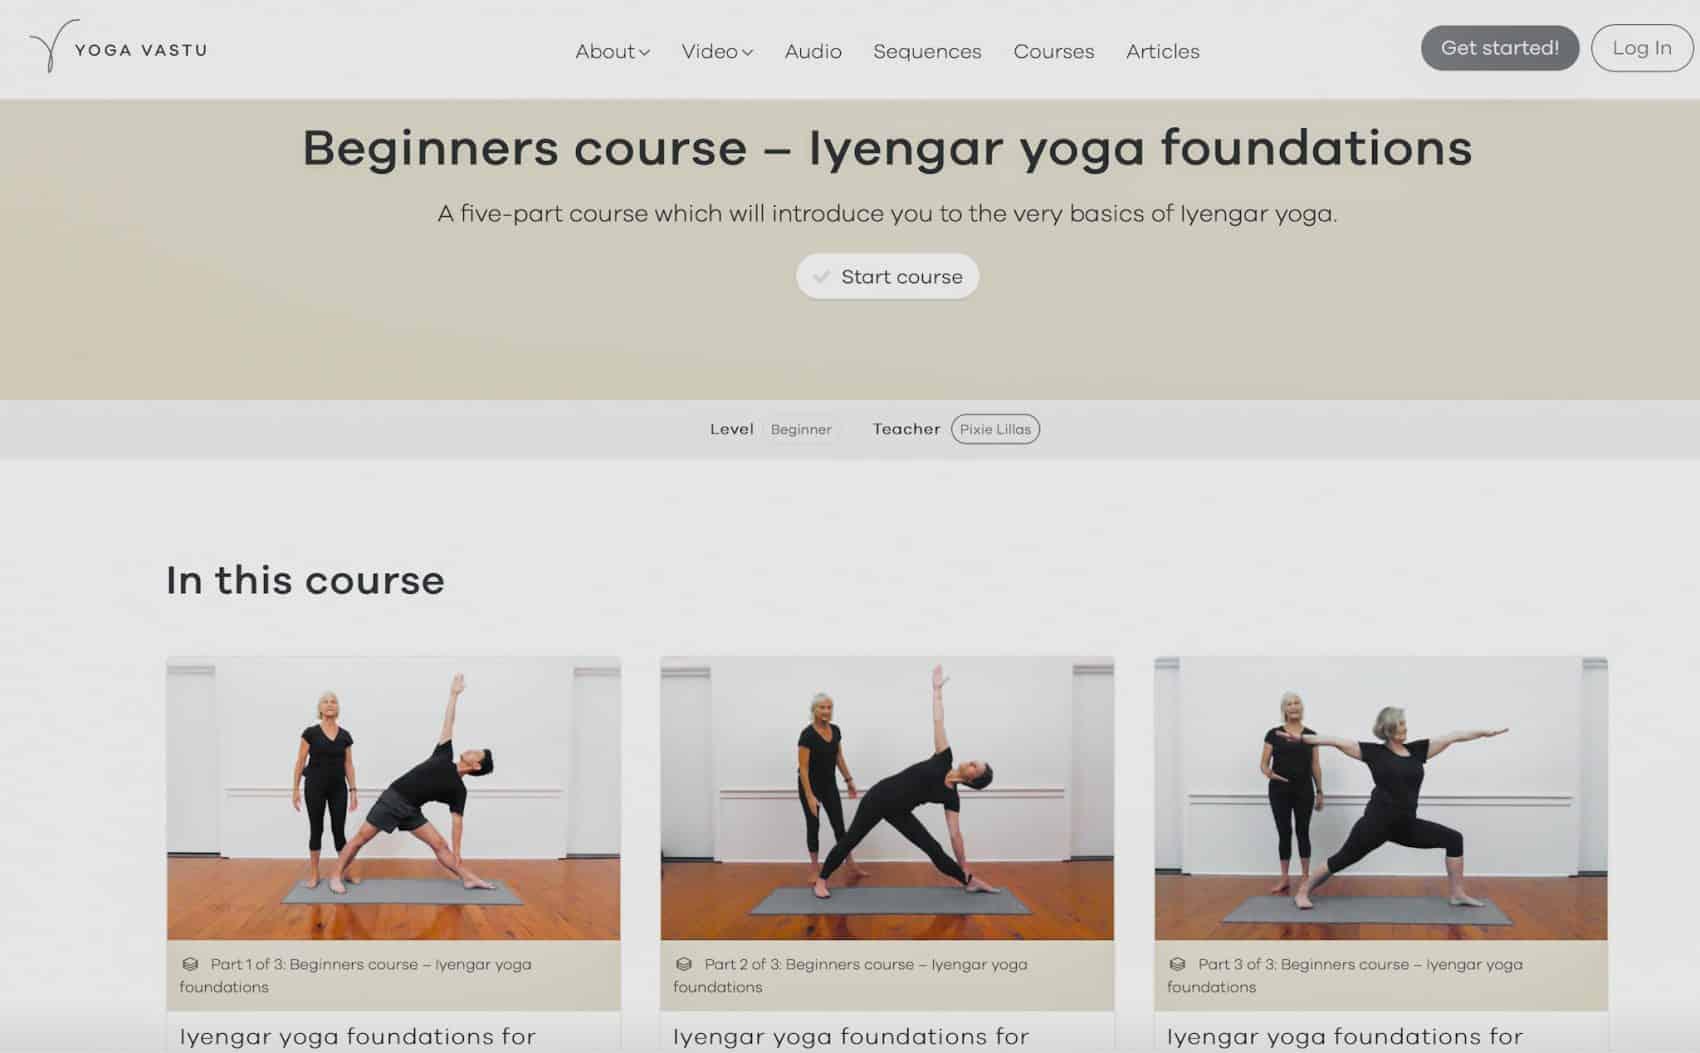 Captura de pantalla del sitio web tres imágenes de personas en pose de yoga en una colchoneta Los mejores cursos de instructores de yoga Certificados por YTT Alliance en línea Escuela Internacional de Yoga Online Hacerse profesor o profesora de yoga con un curso de monitor intensivo en linea